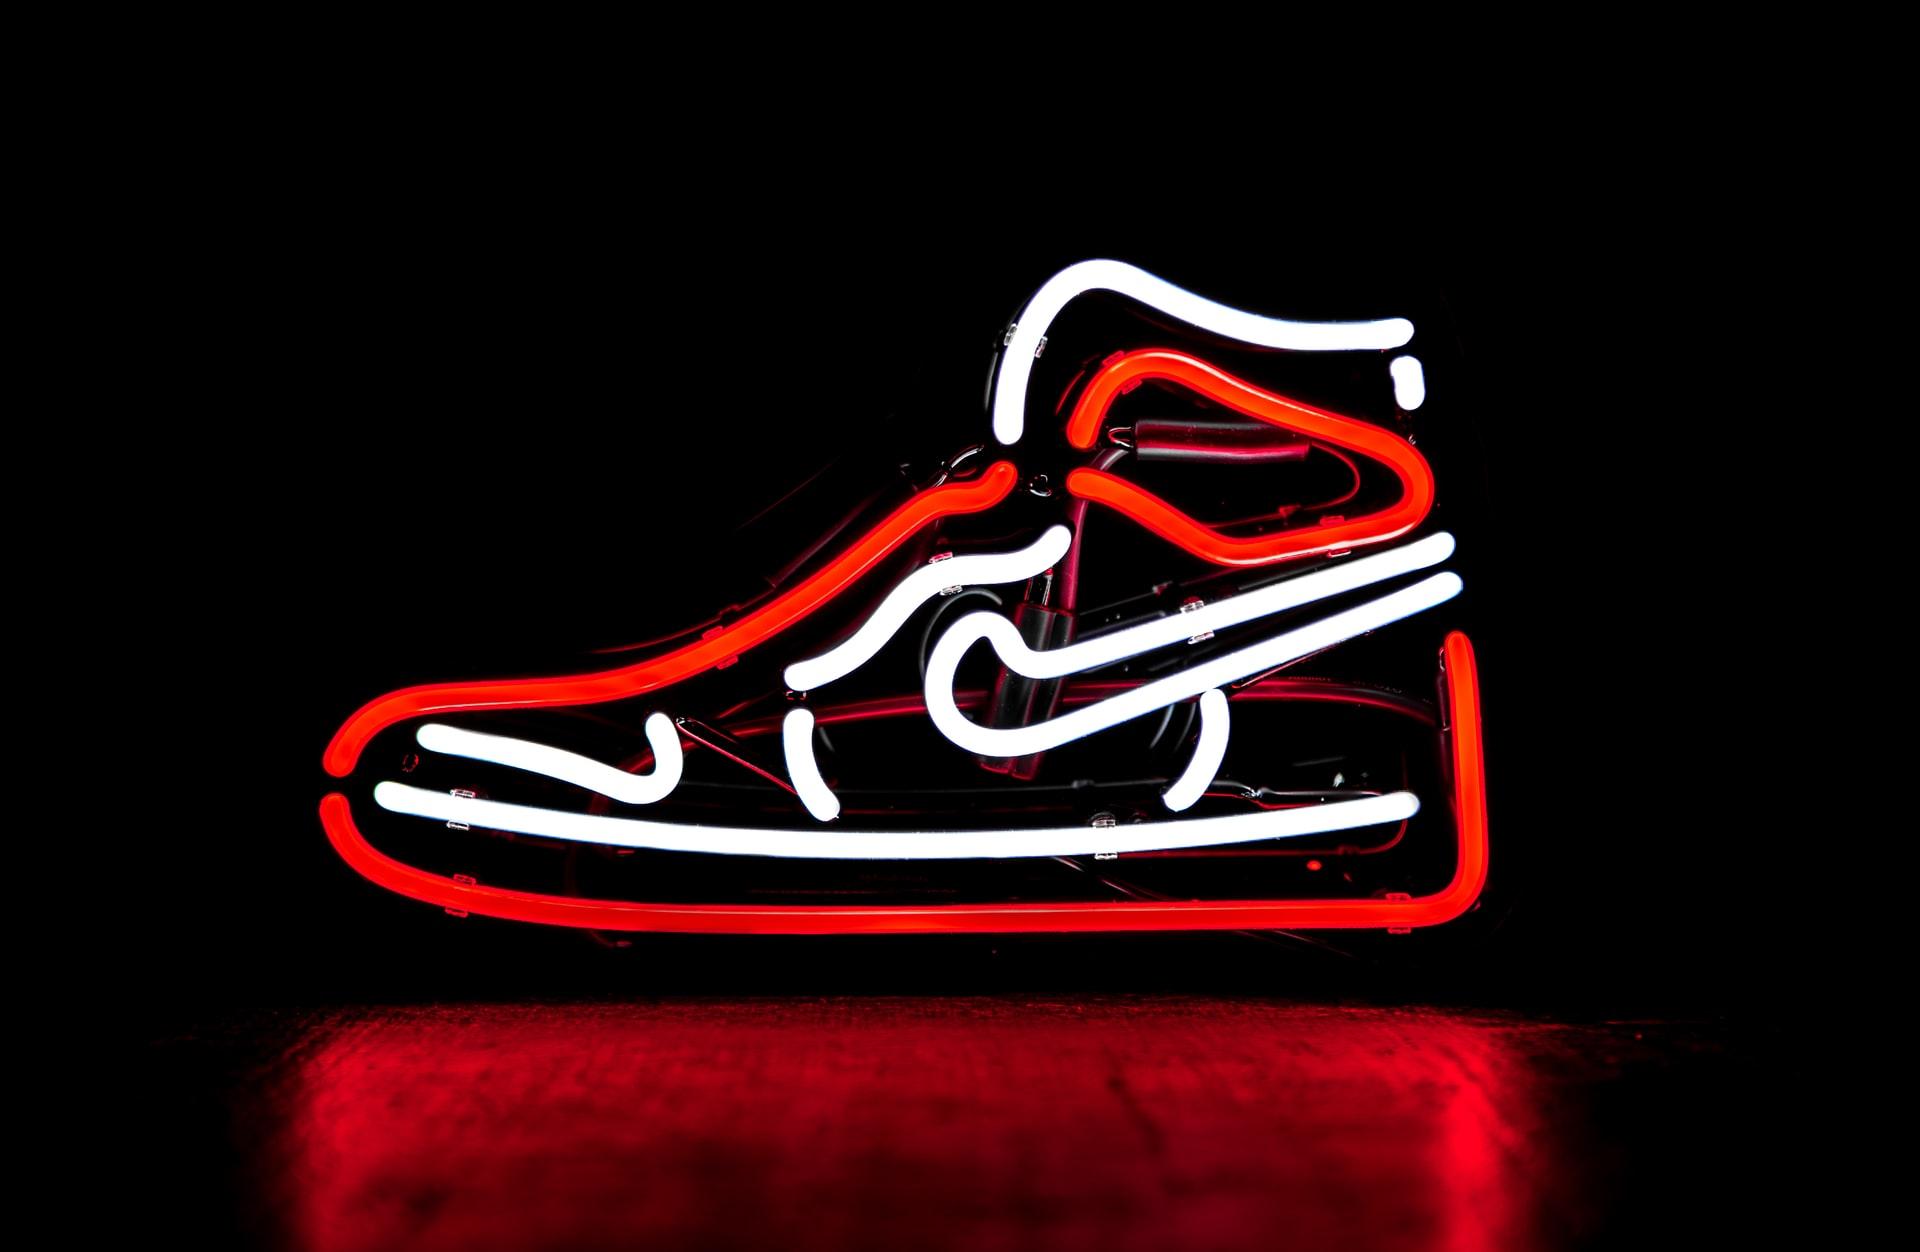 侃爷的椰子鞋即将拍卖,估值100万美元,或成史上最贵运动鞋